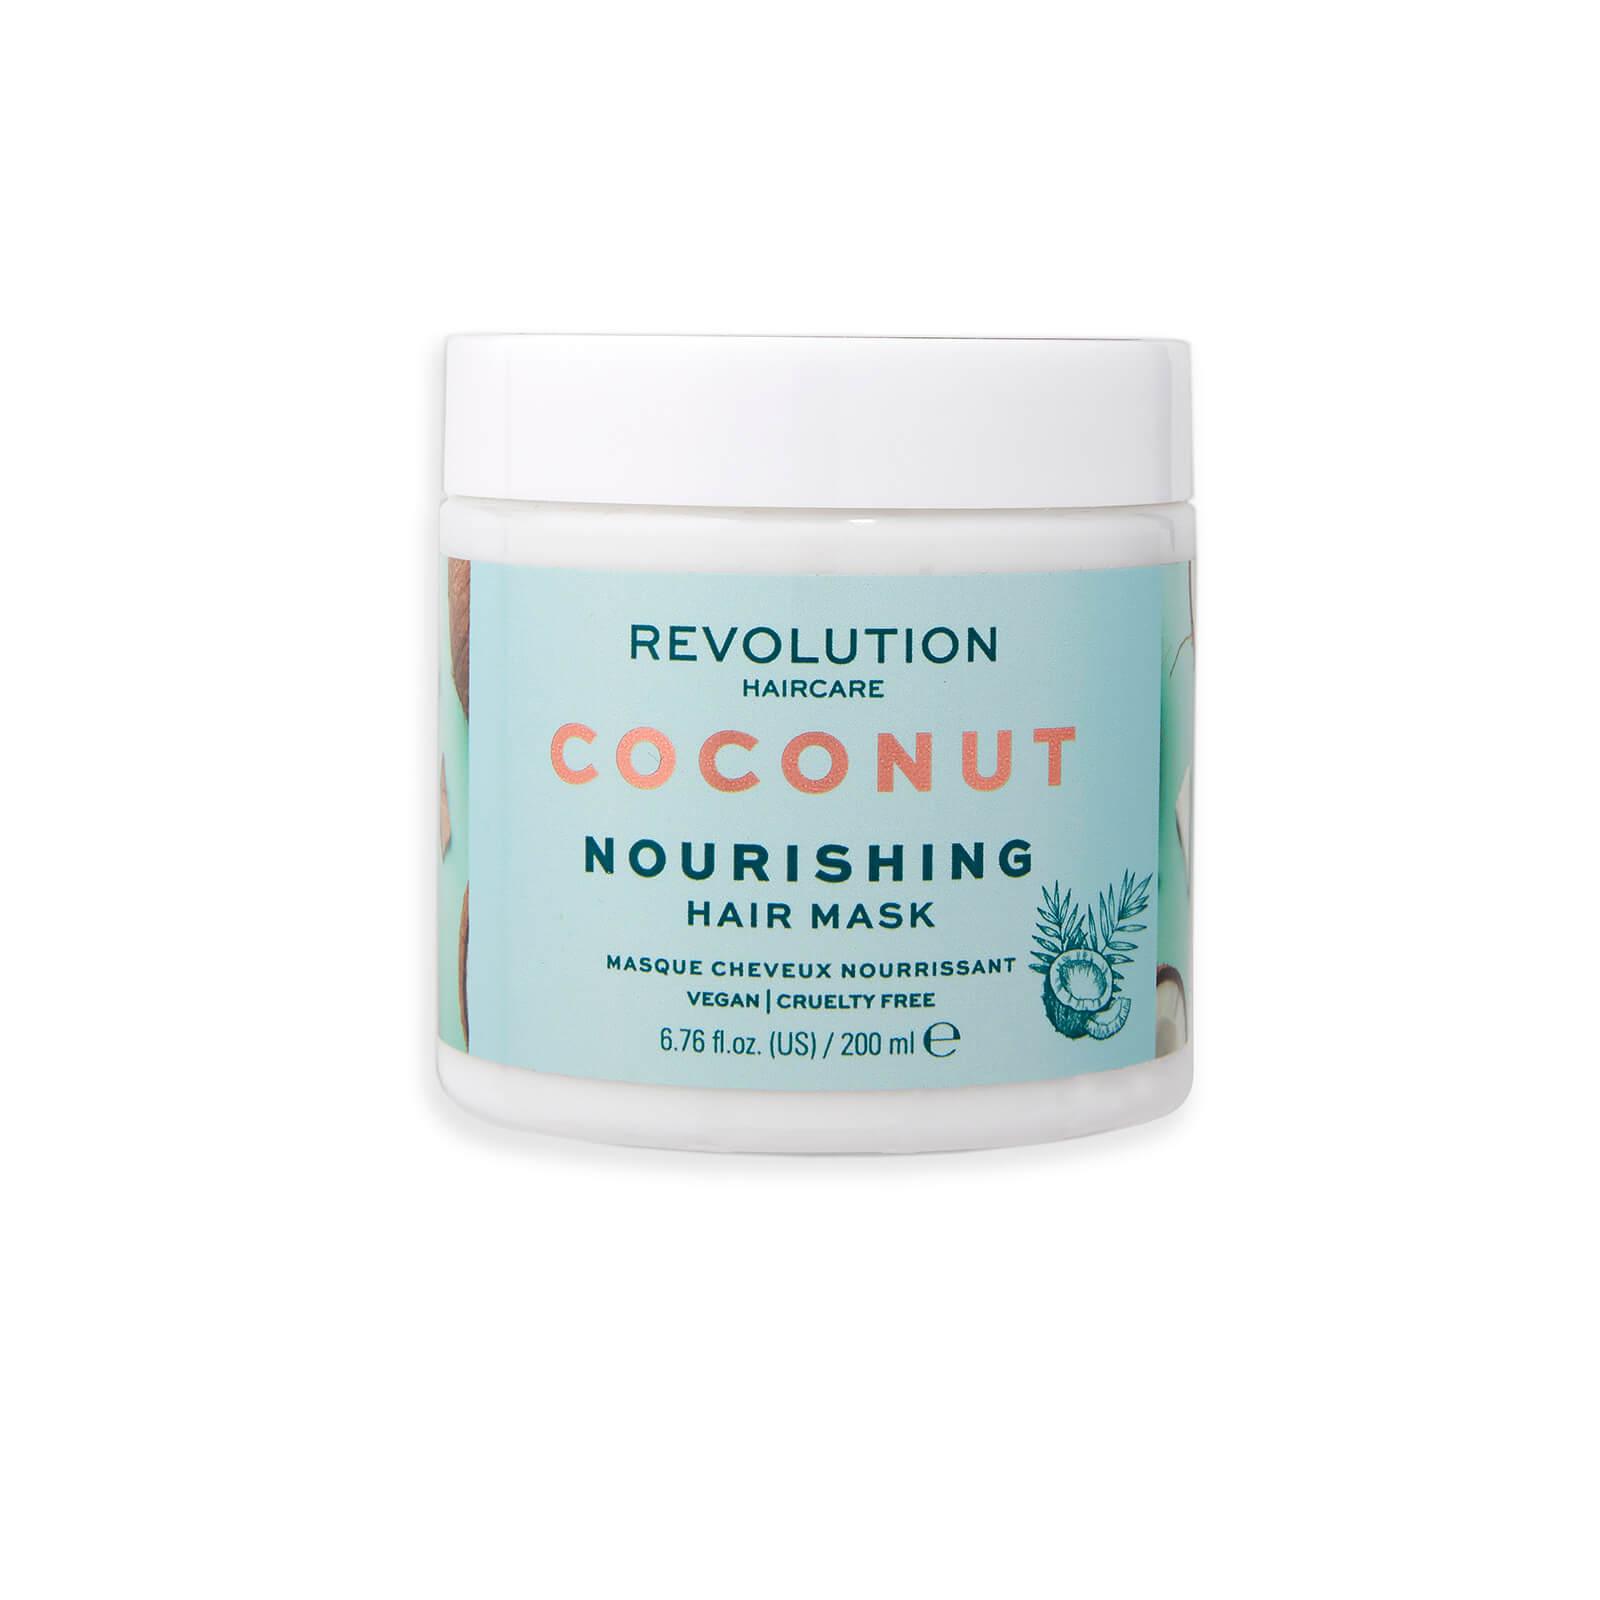 Купить Маска для волос Revolution Hair Mask Nourishing Coconut